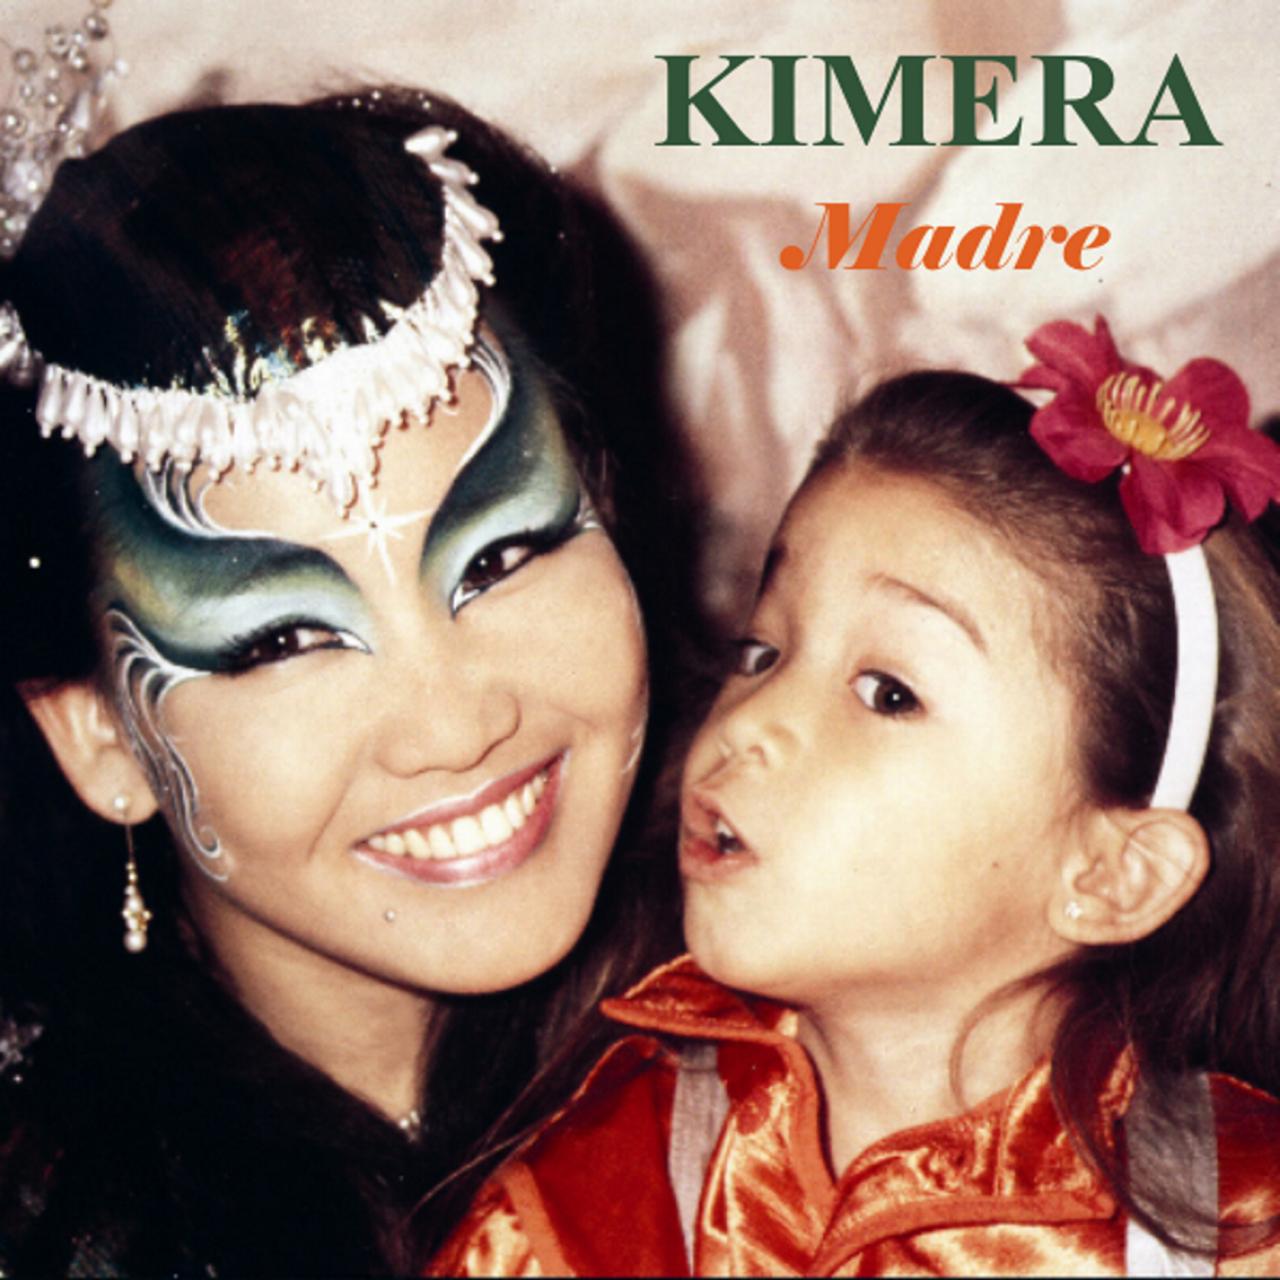 Kimera Madre Melody